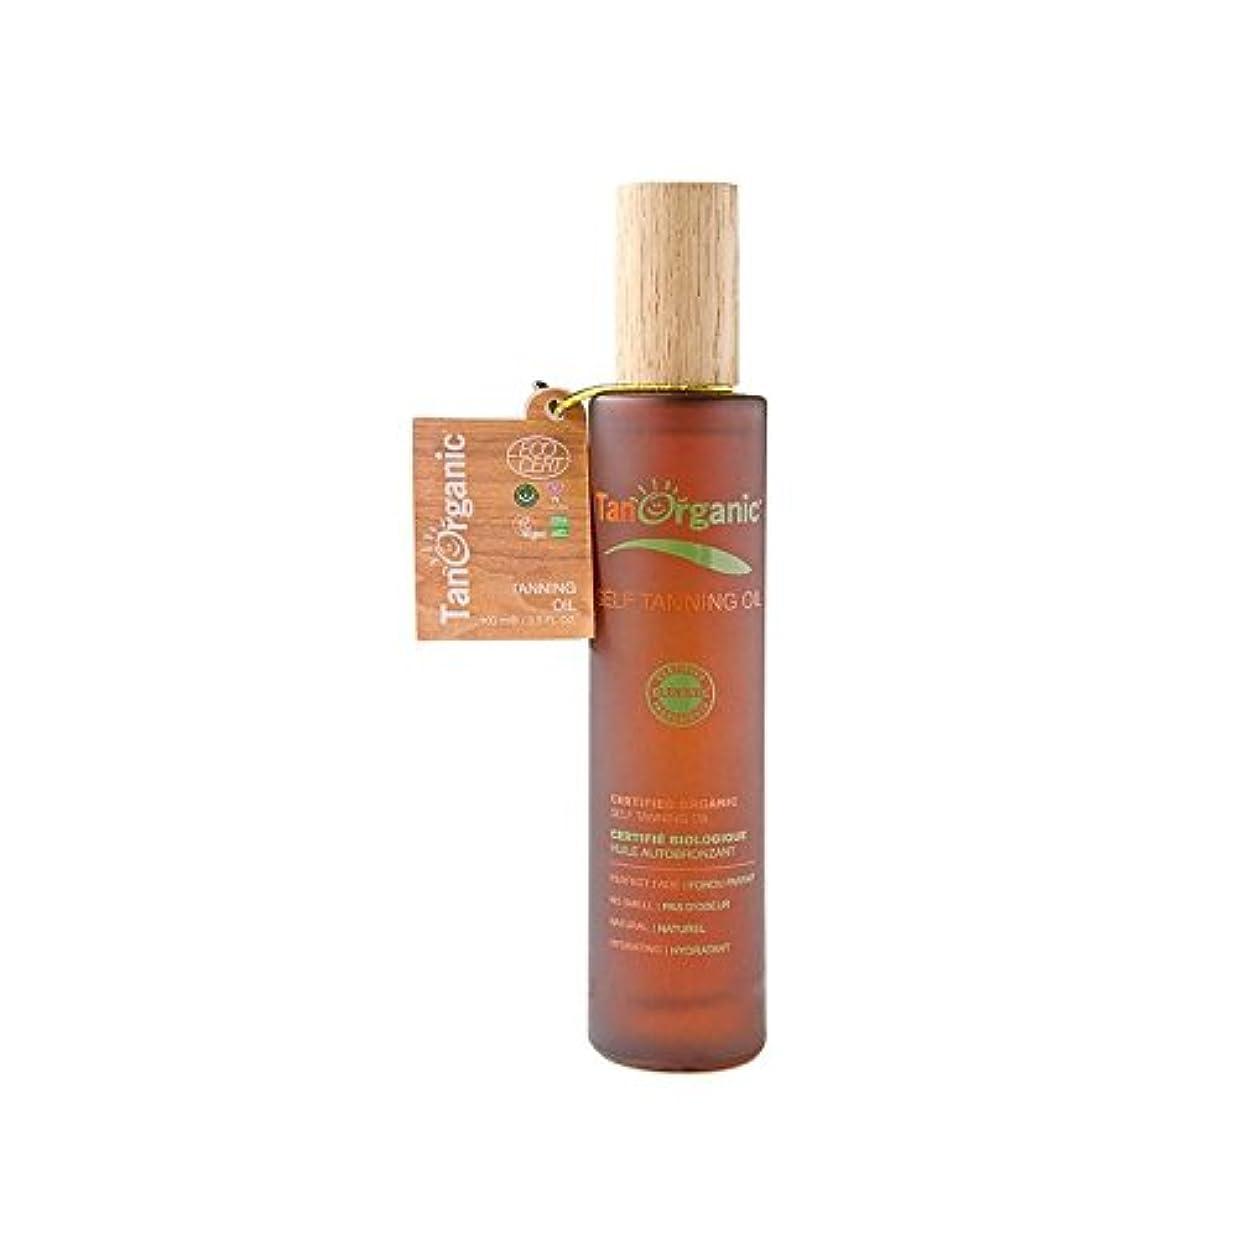 ゼリー鋭く声を出してTanorganic自己日焼け顔&ボディオイル (Tan Organic) - TanOrganic Self-Tan Face & Body Oil [並行輸入品]